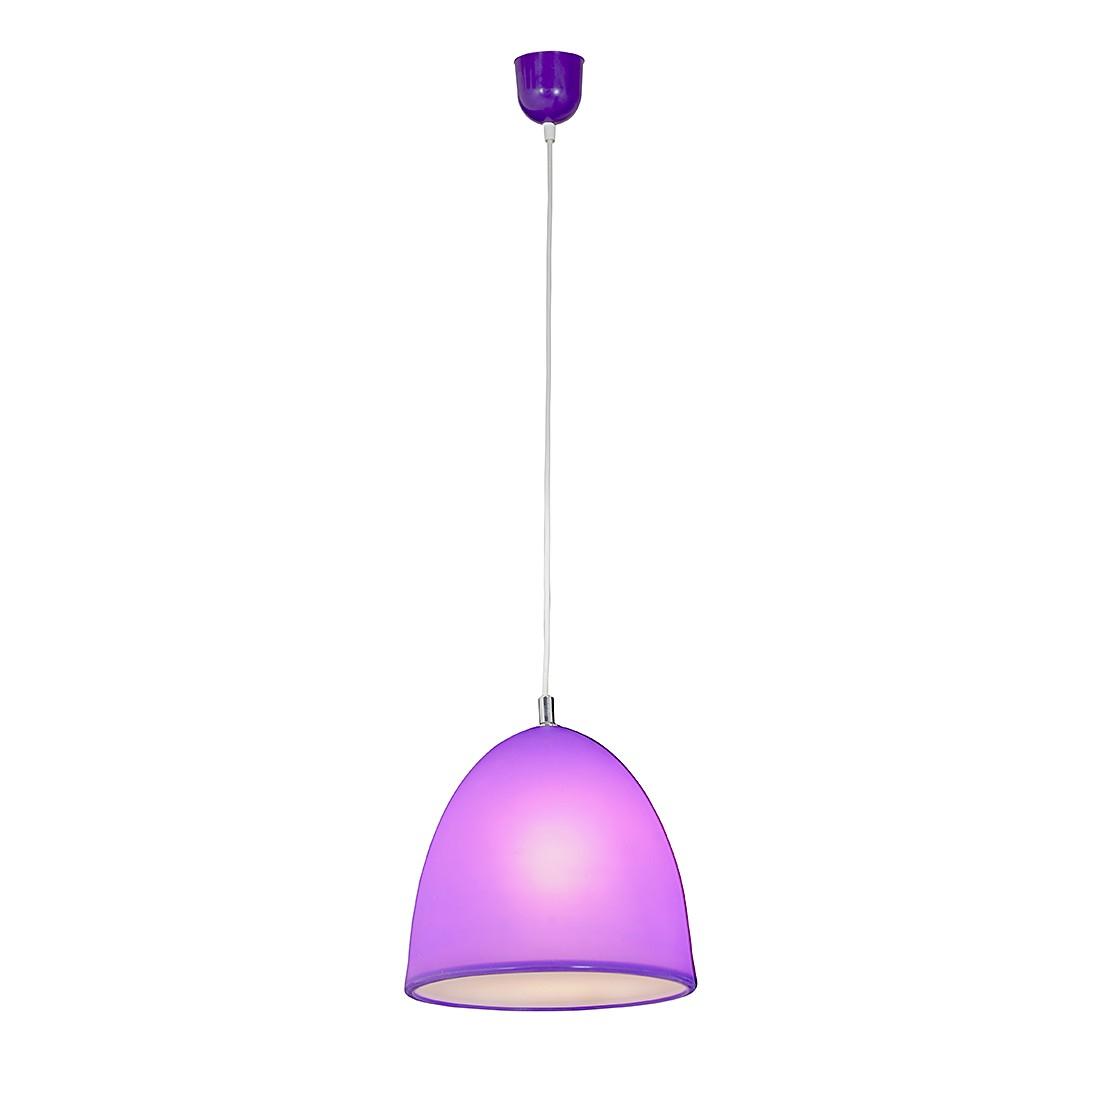 Pendelleuchte Tepsa ● Silikon ● 1-flammig ● Violett- Lux A++